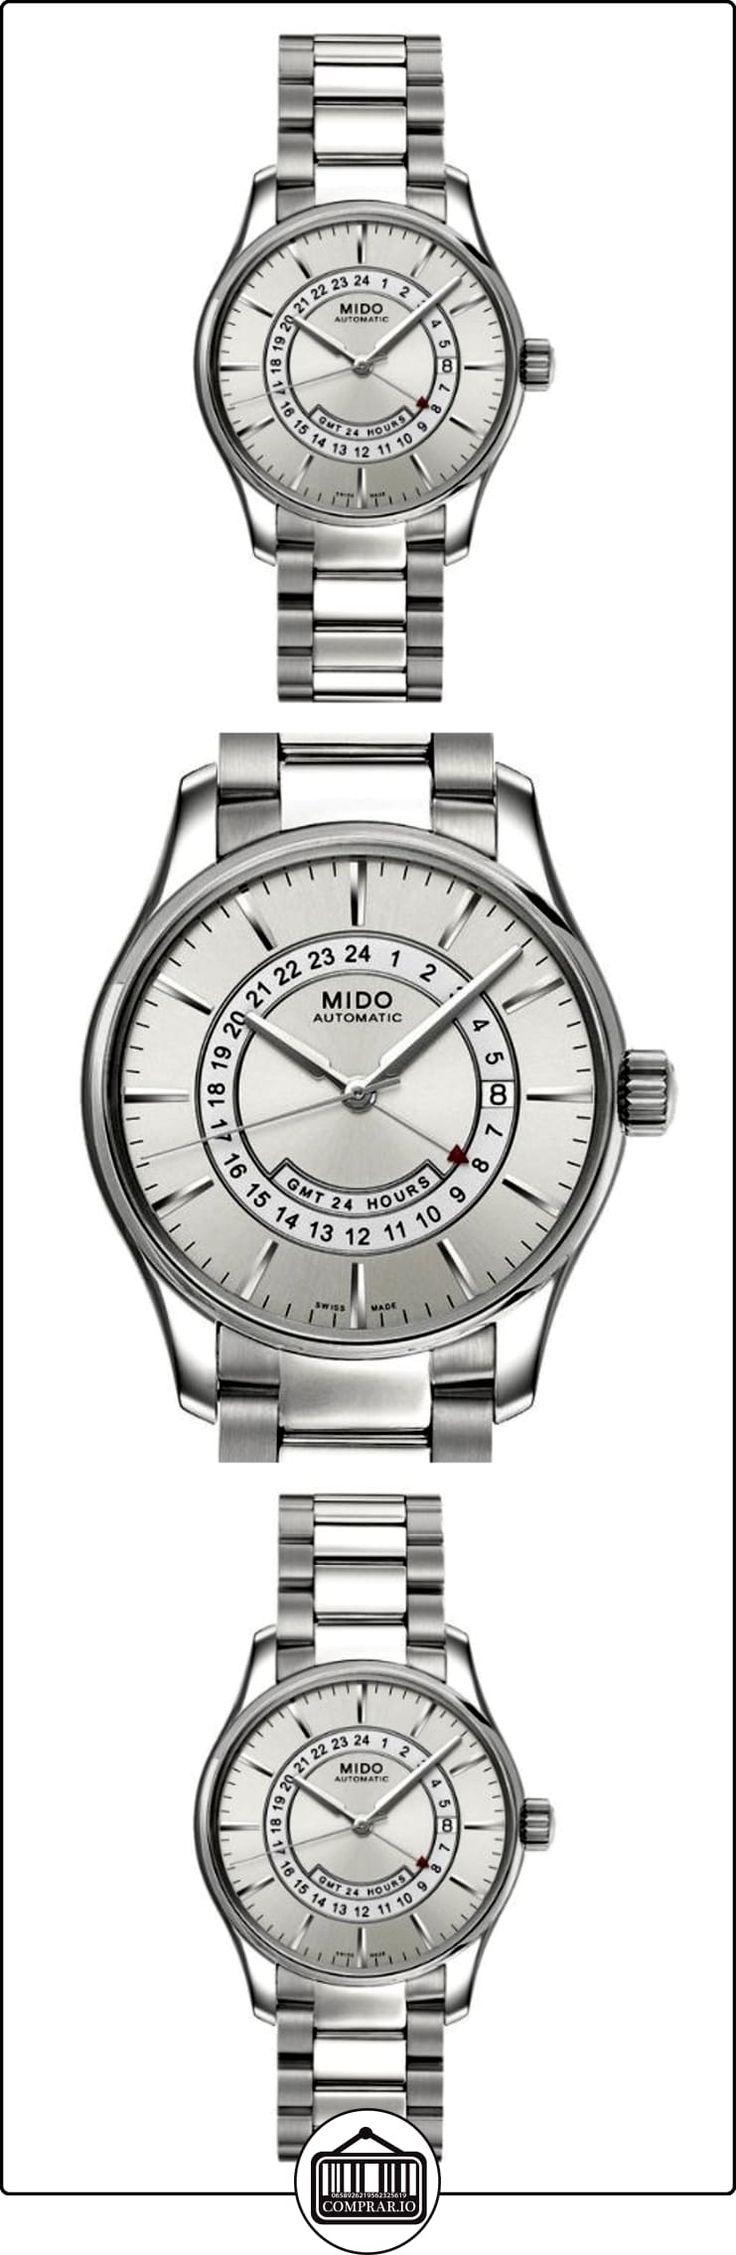 MIDO Belluna M0014291103120 - Reloj de caballero automático, correa de acero inoxidable color blanco  ✿ Relojes para hombre - (Lujo) ✿